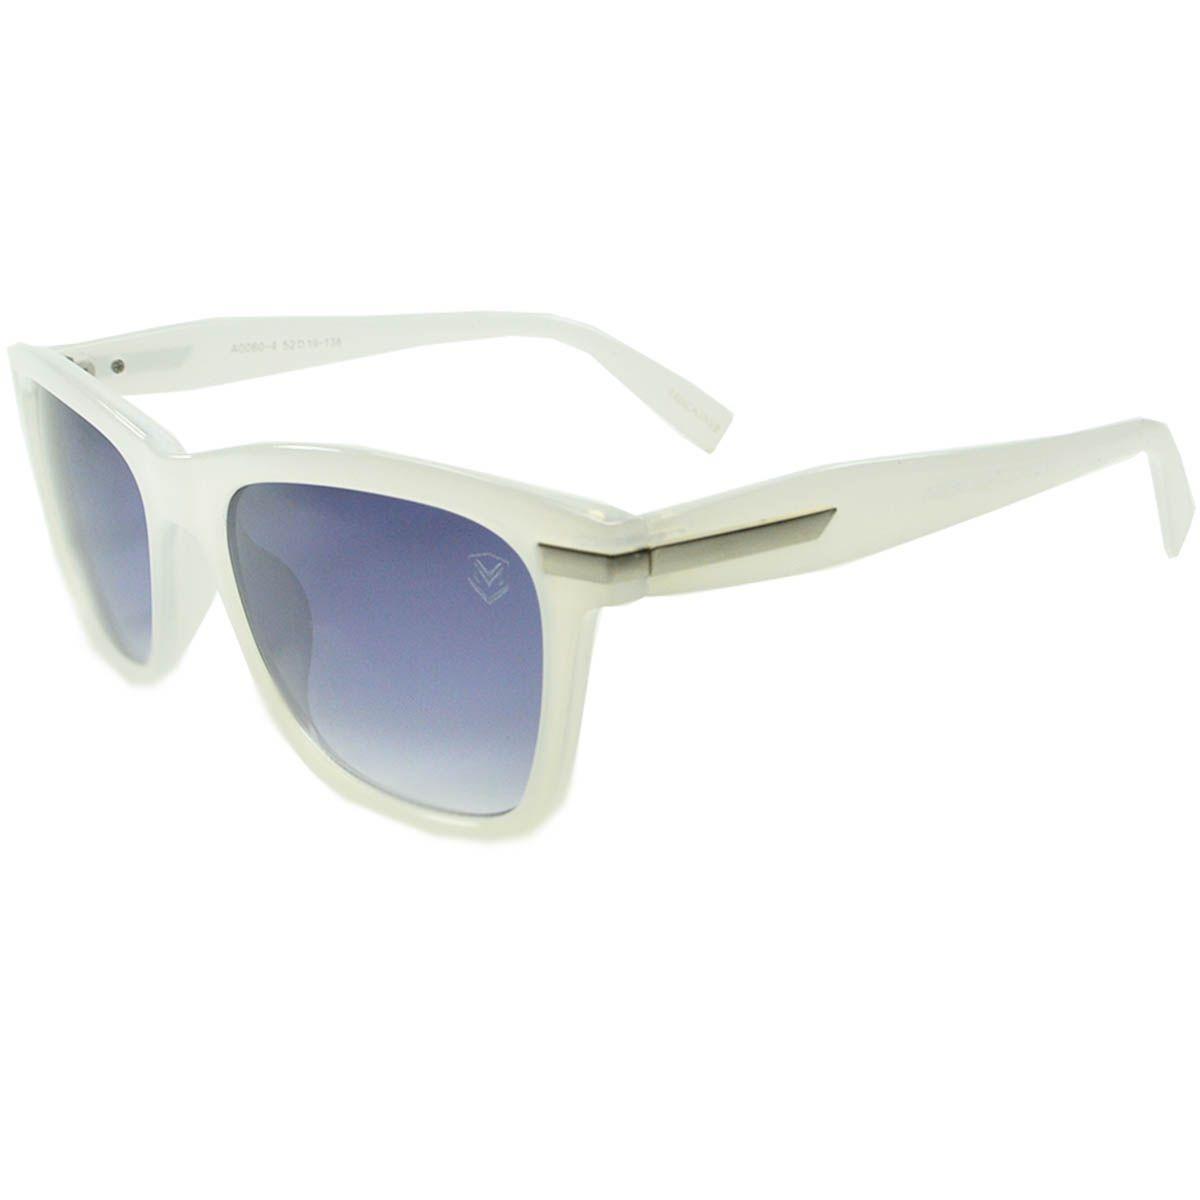 9486ef5838e7f óculos de sol feminino mackage mk060b. Carregando zoom.